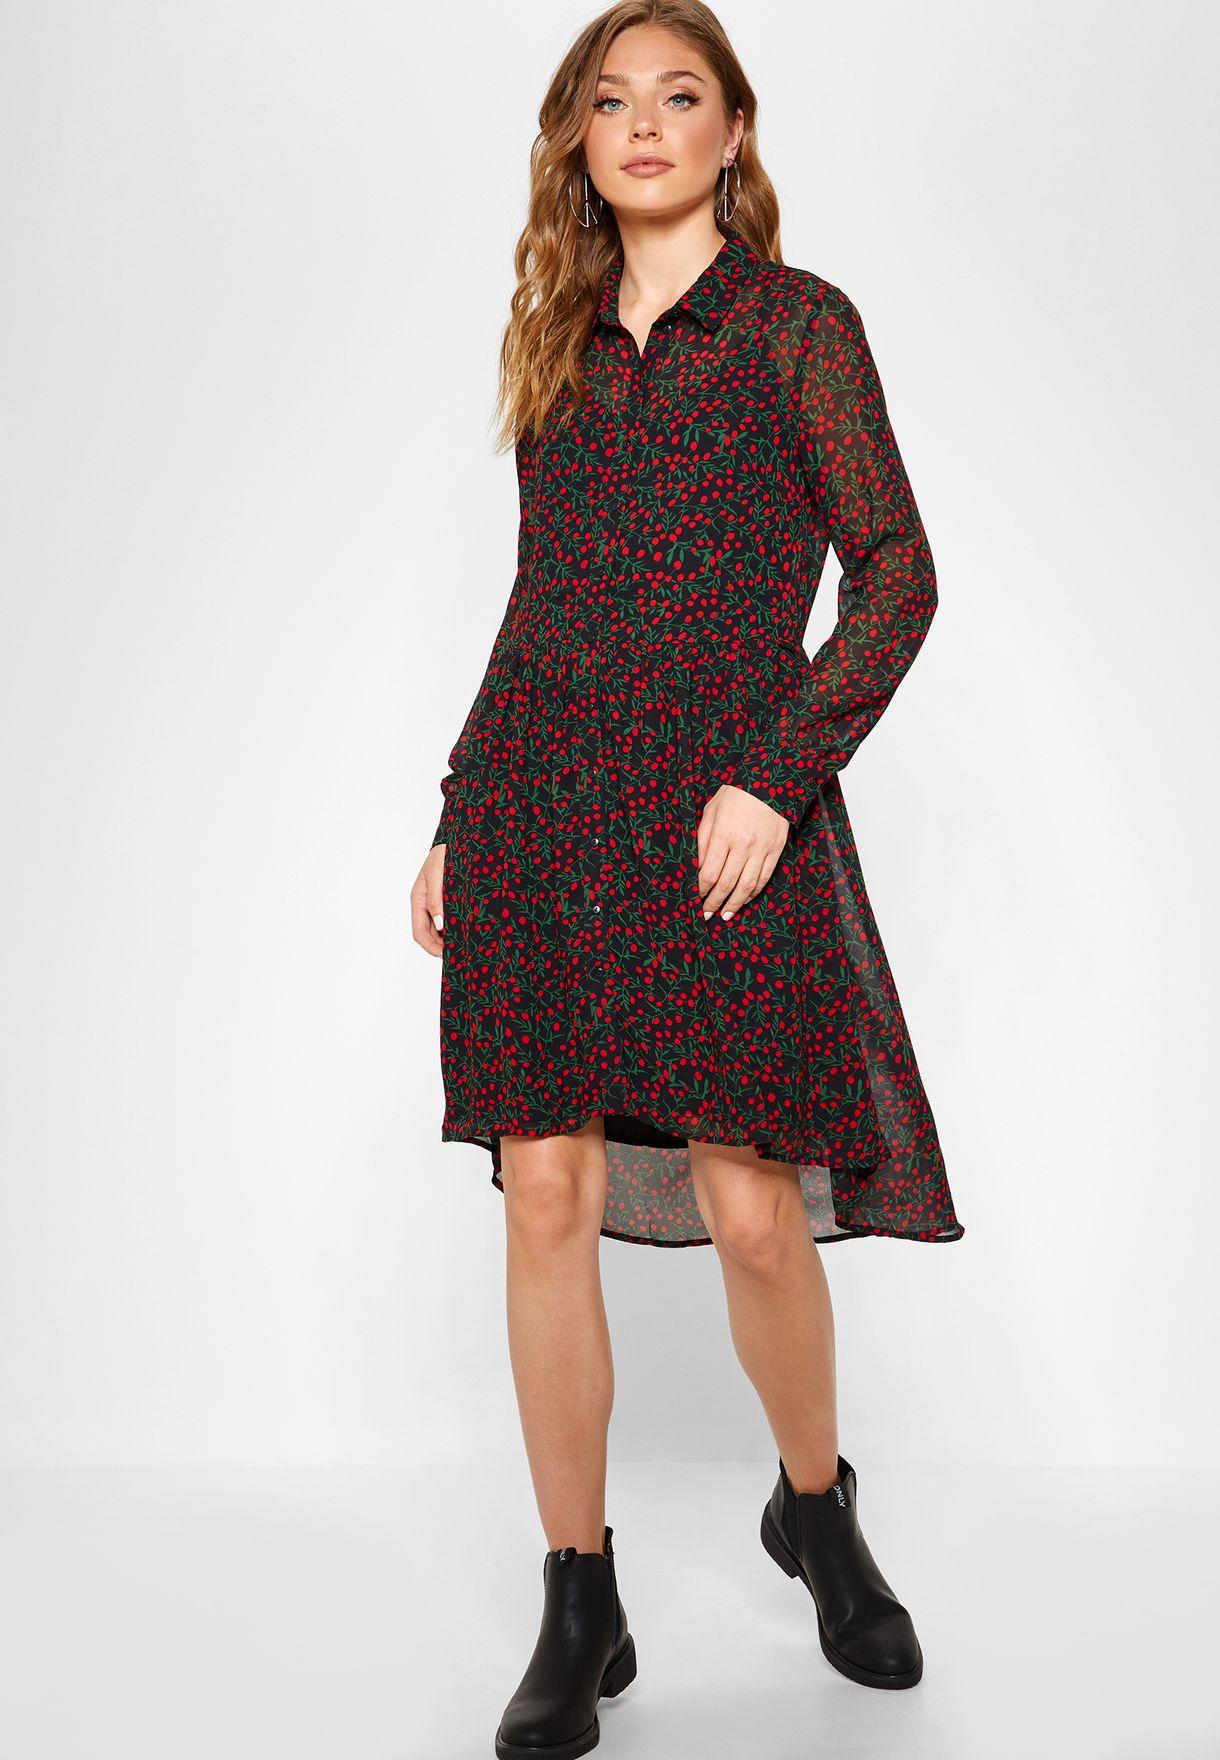 فستان بطبعات وحواف مختلفة في الطول